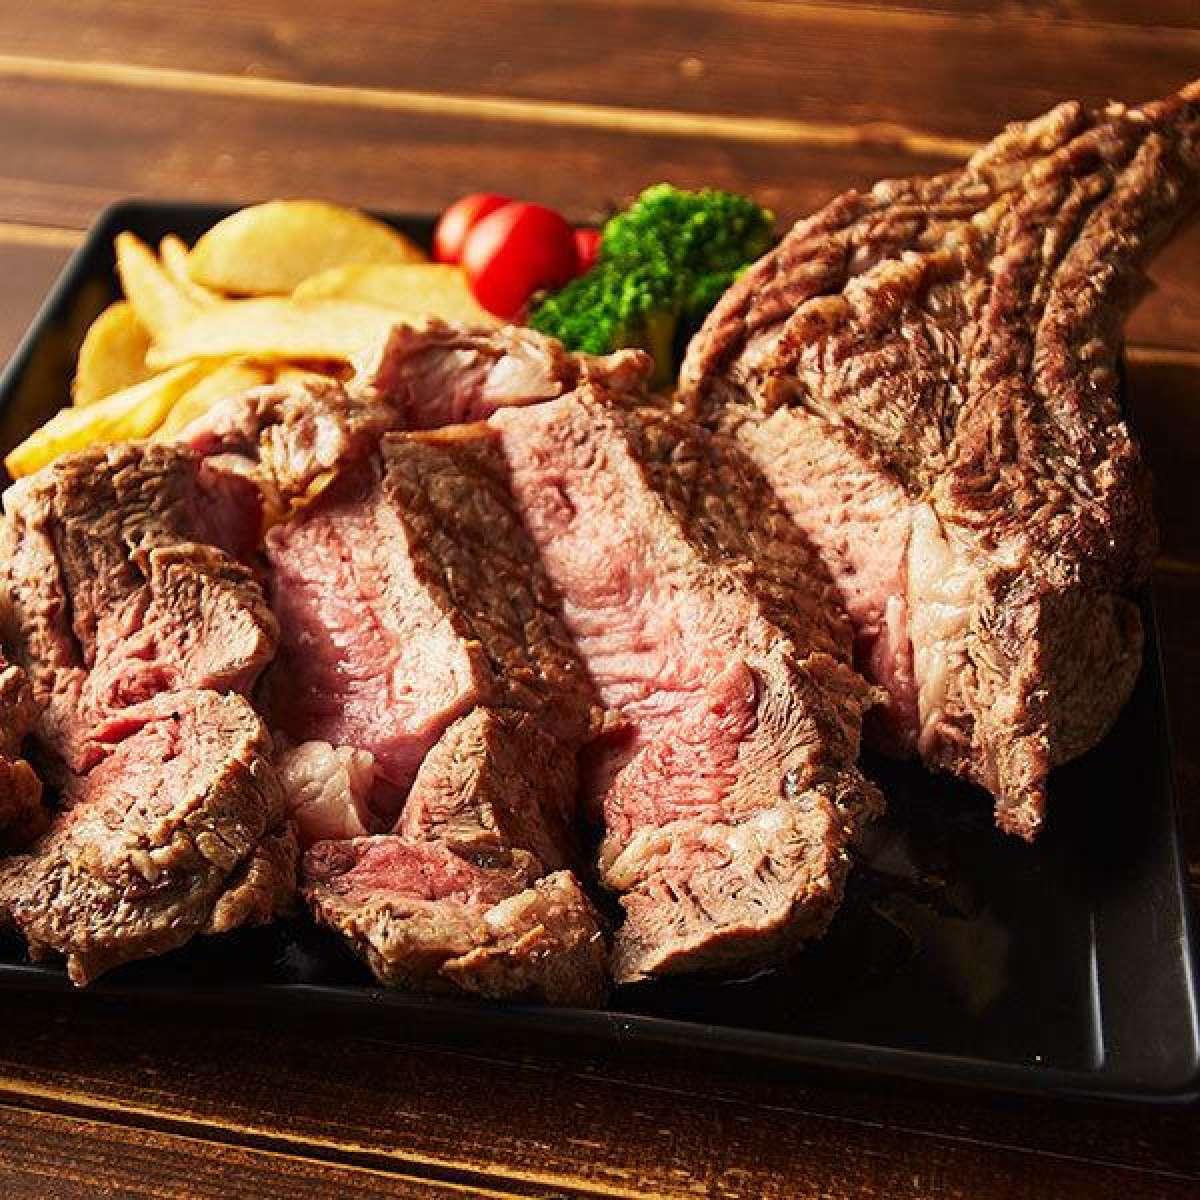 FIVEで食らう肉!ローストビーフや肉前菜、多彩な部位のステーキなど肉尽くしで至福の時間を!